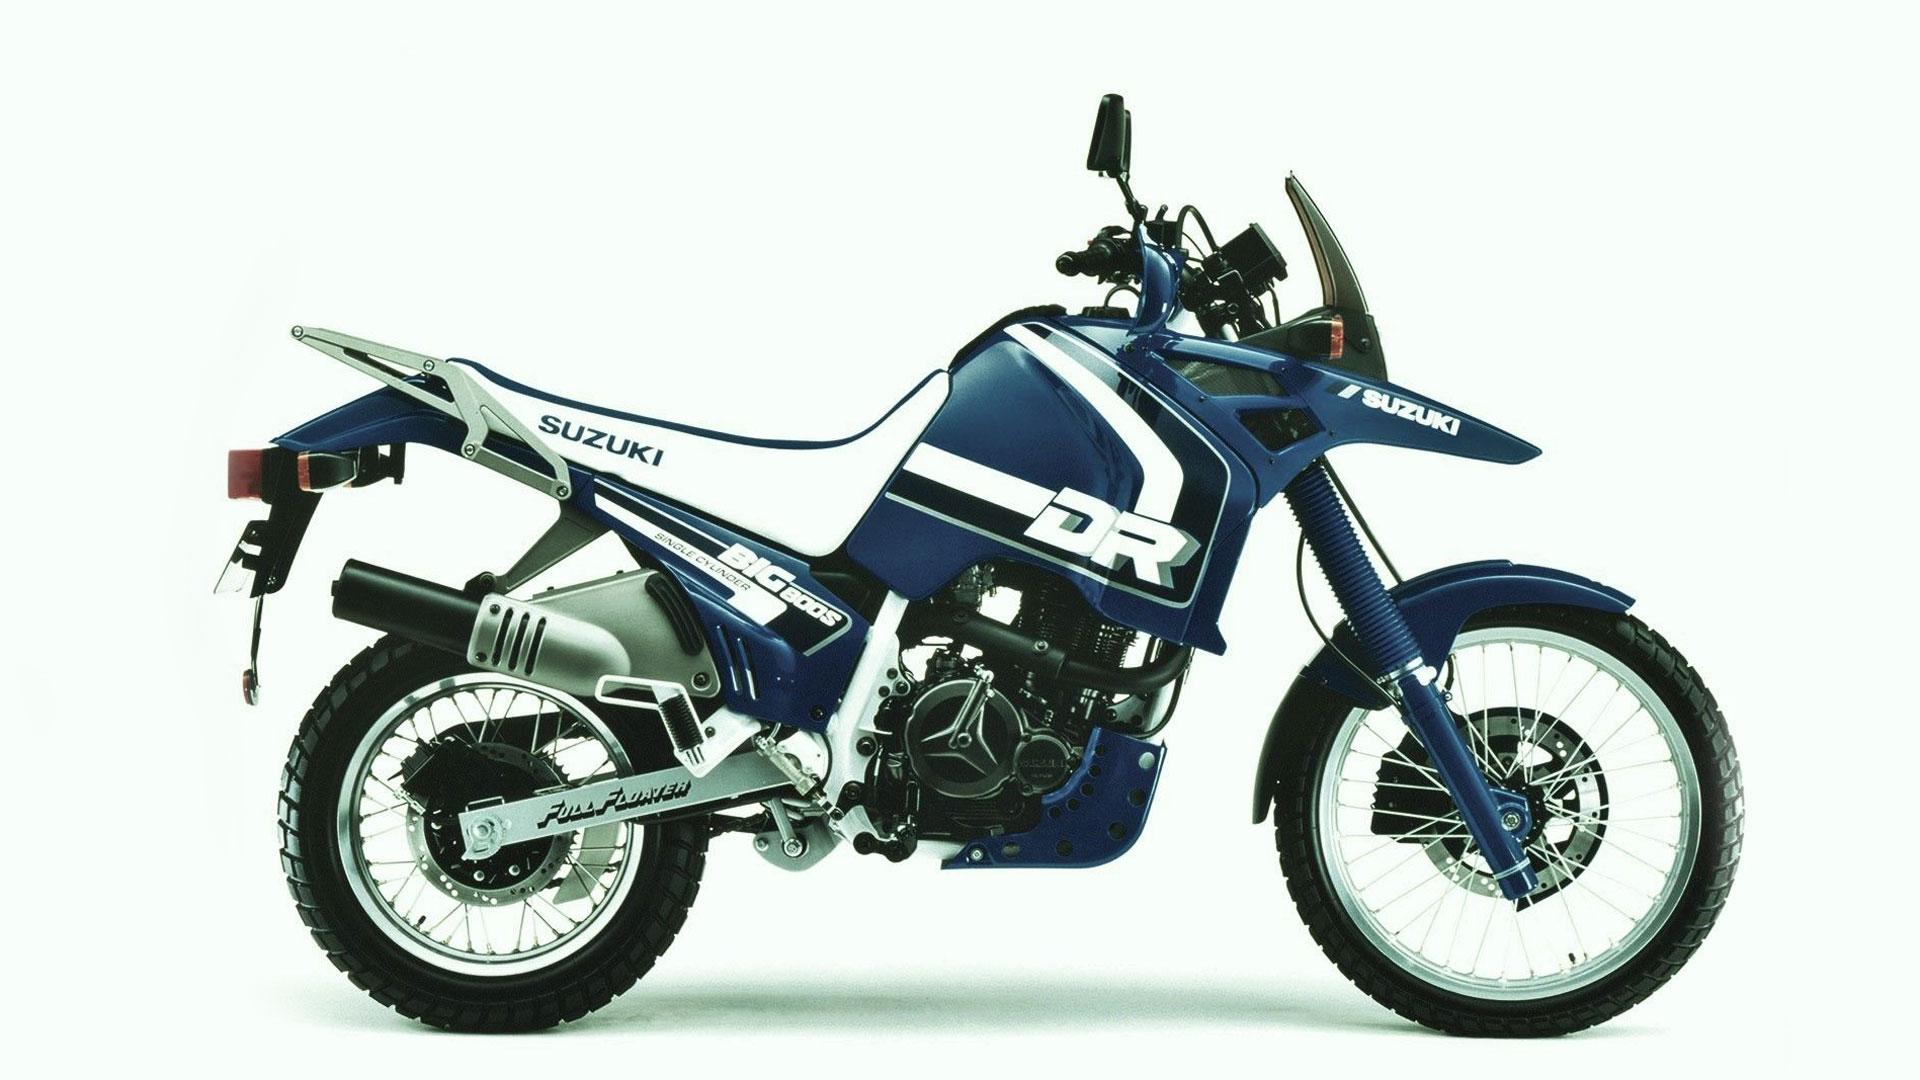 1987 Suzuki DR750 Big